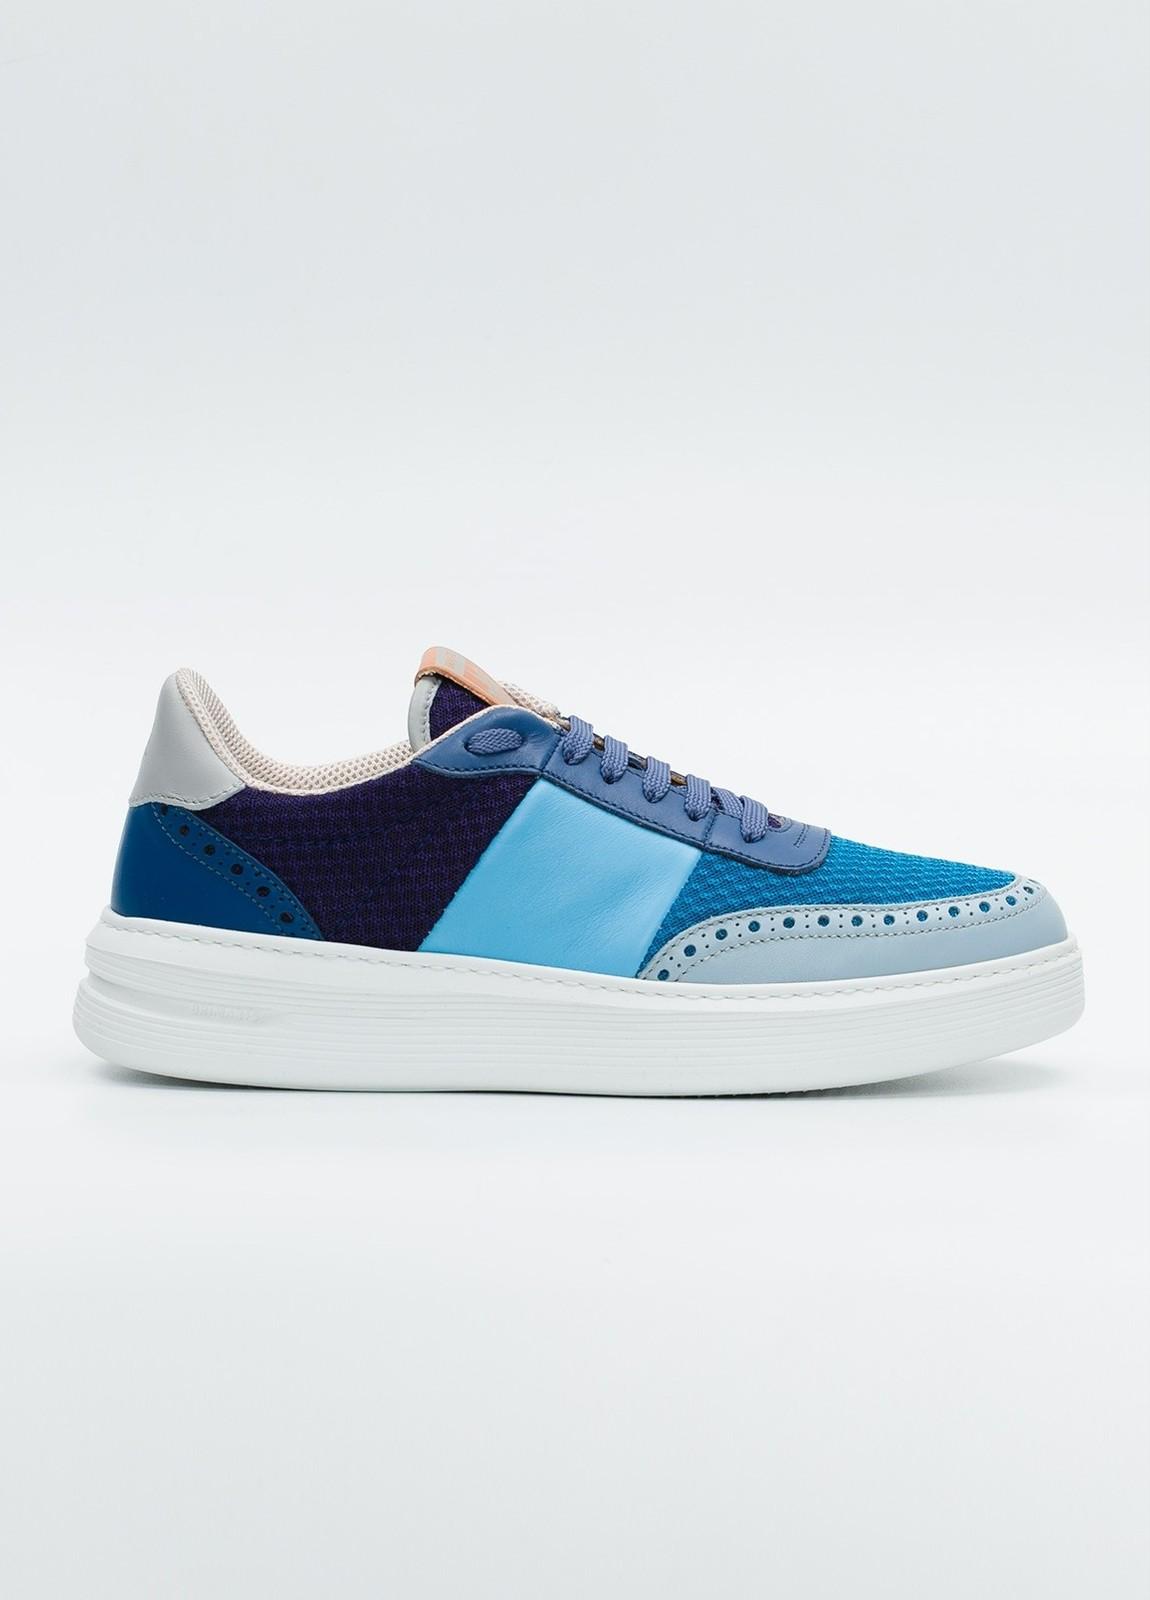 Calzado Sport color azul y marino, combinación de piel y malla.